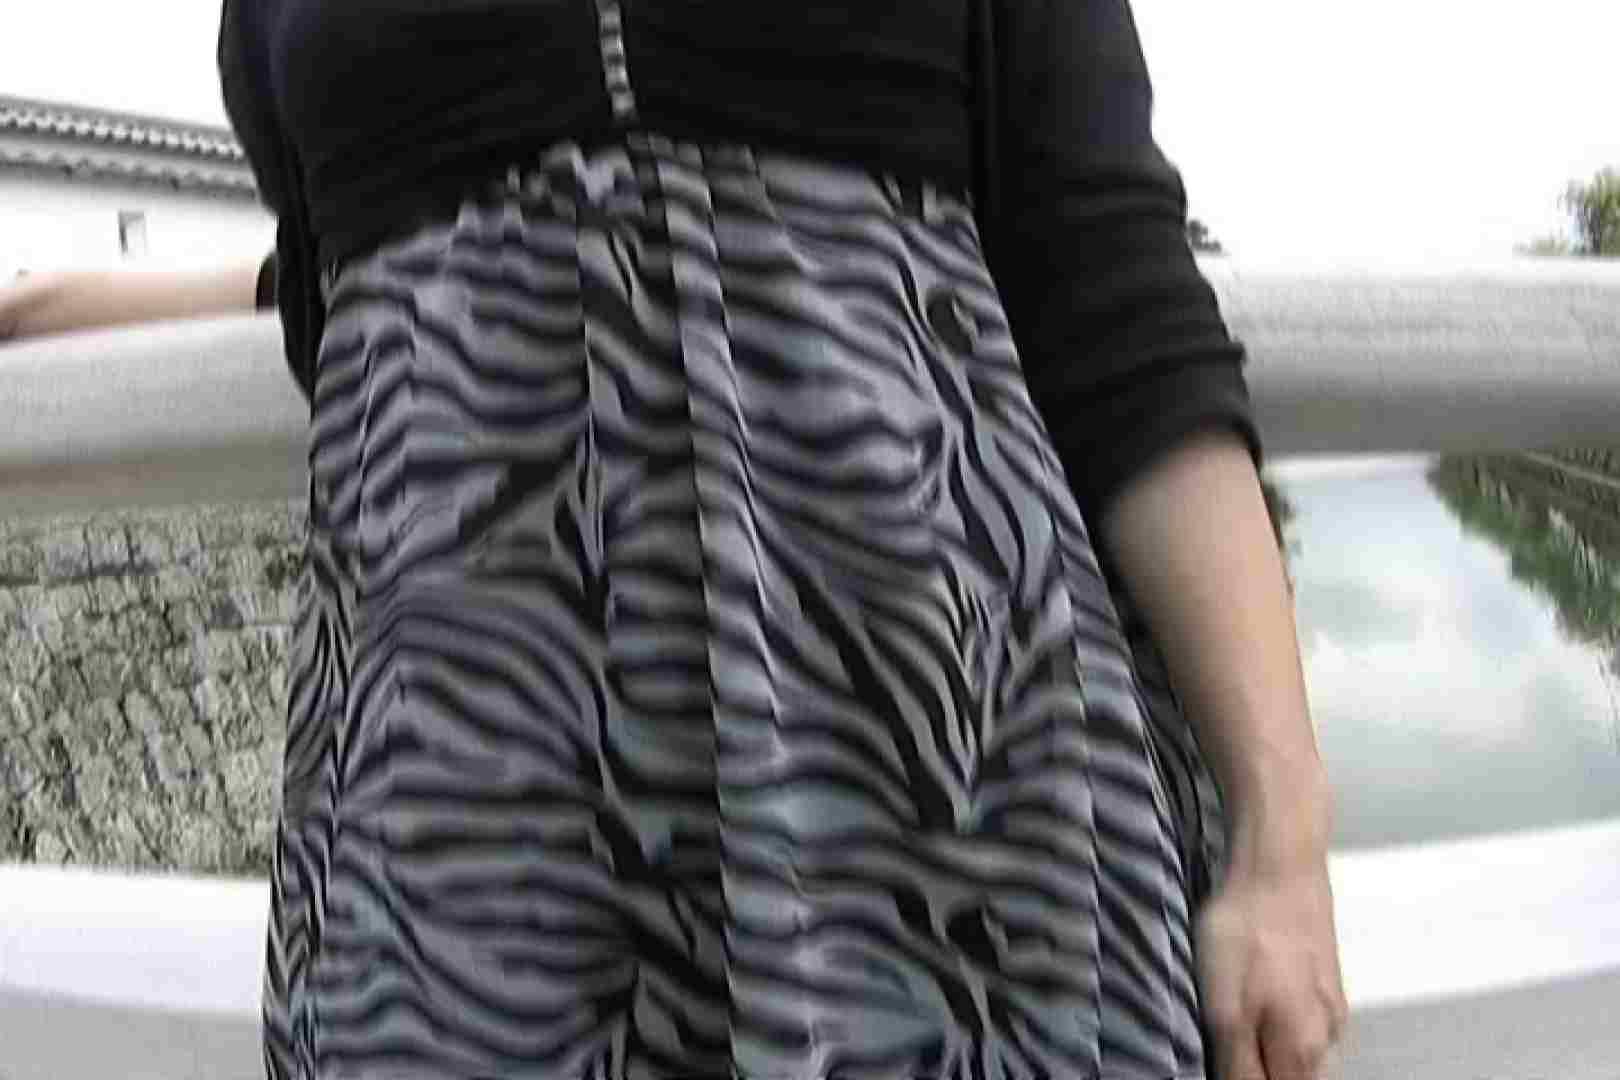 素人ナンパ本番撮り!出会い系でGET!Vol.10 ナンパ AV無料動画キャプチャ 109枚 68